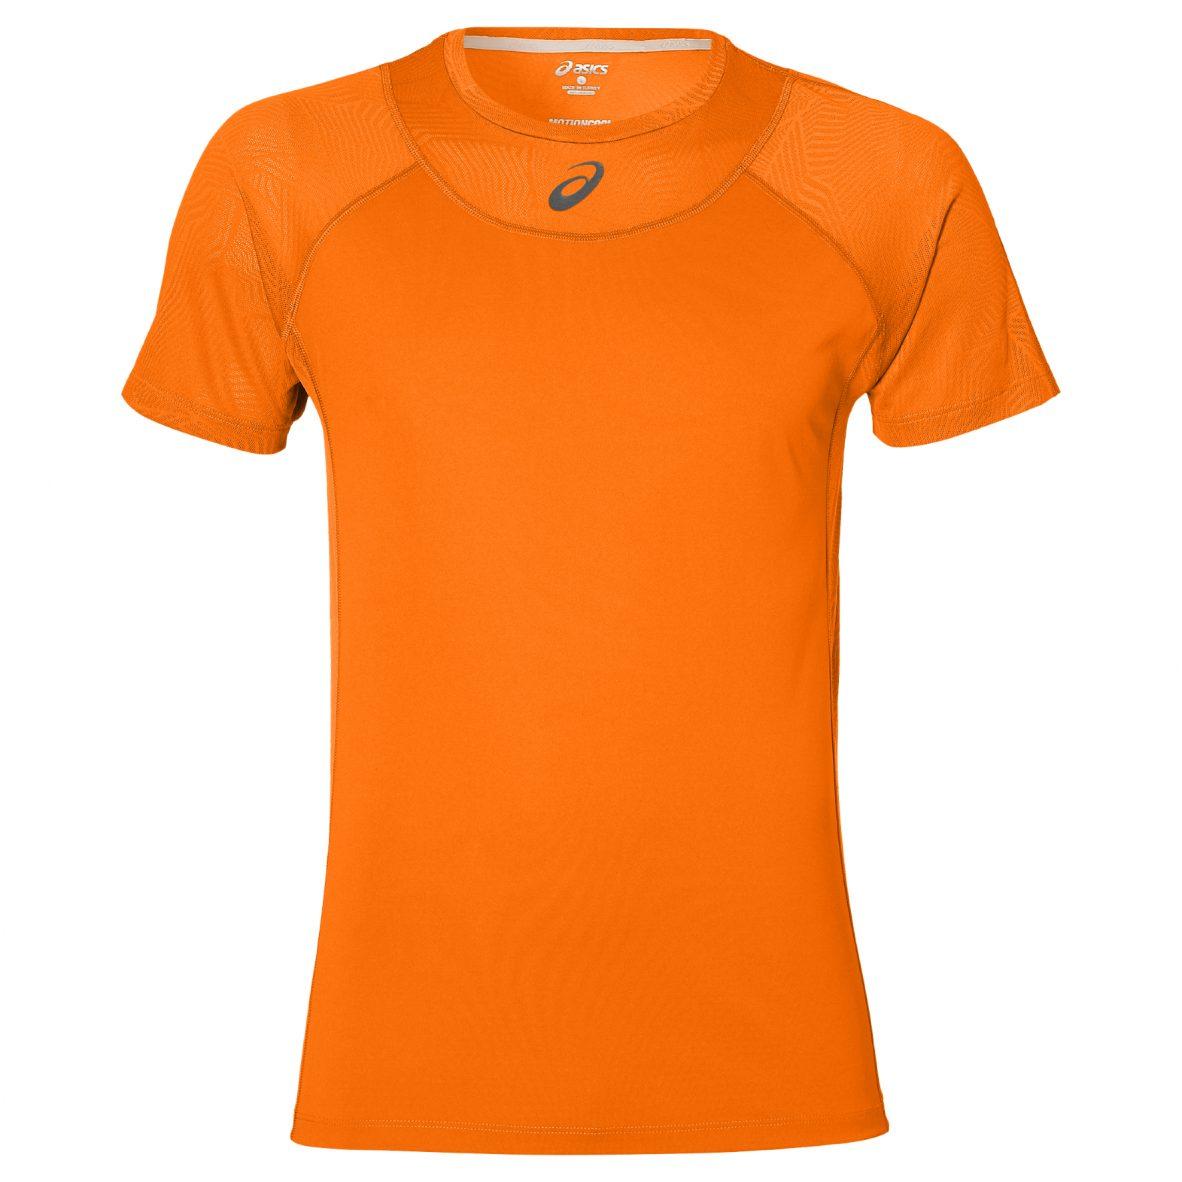 Tennisshirt entwickelt um unter besonders heissen Bedingungen zu spielen